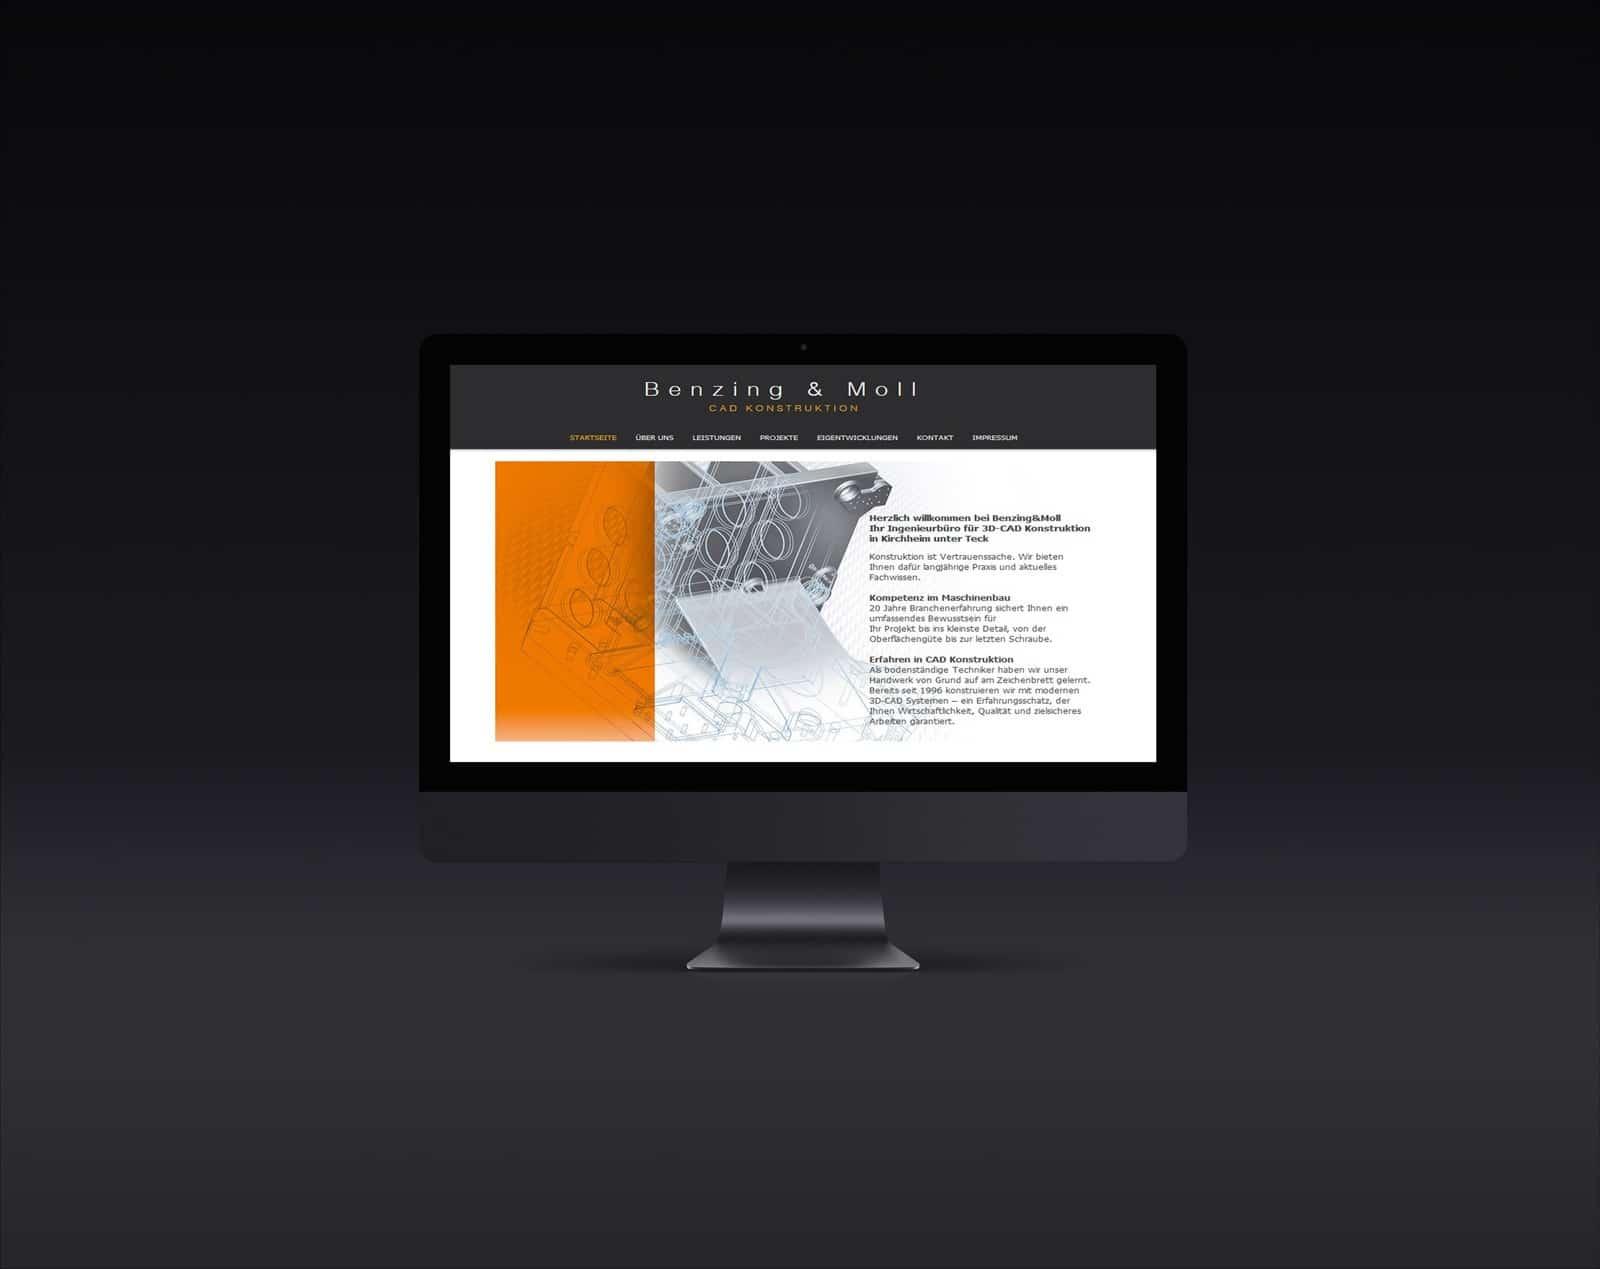 webdesign-benzing-moll-jesingen-kirchheim-cad-buero-liebespixel